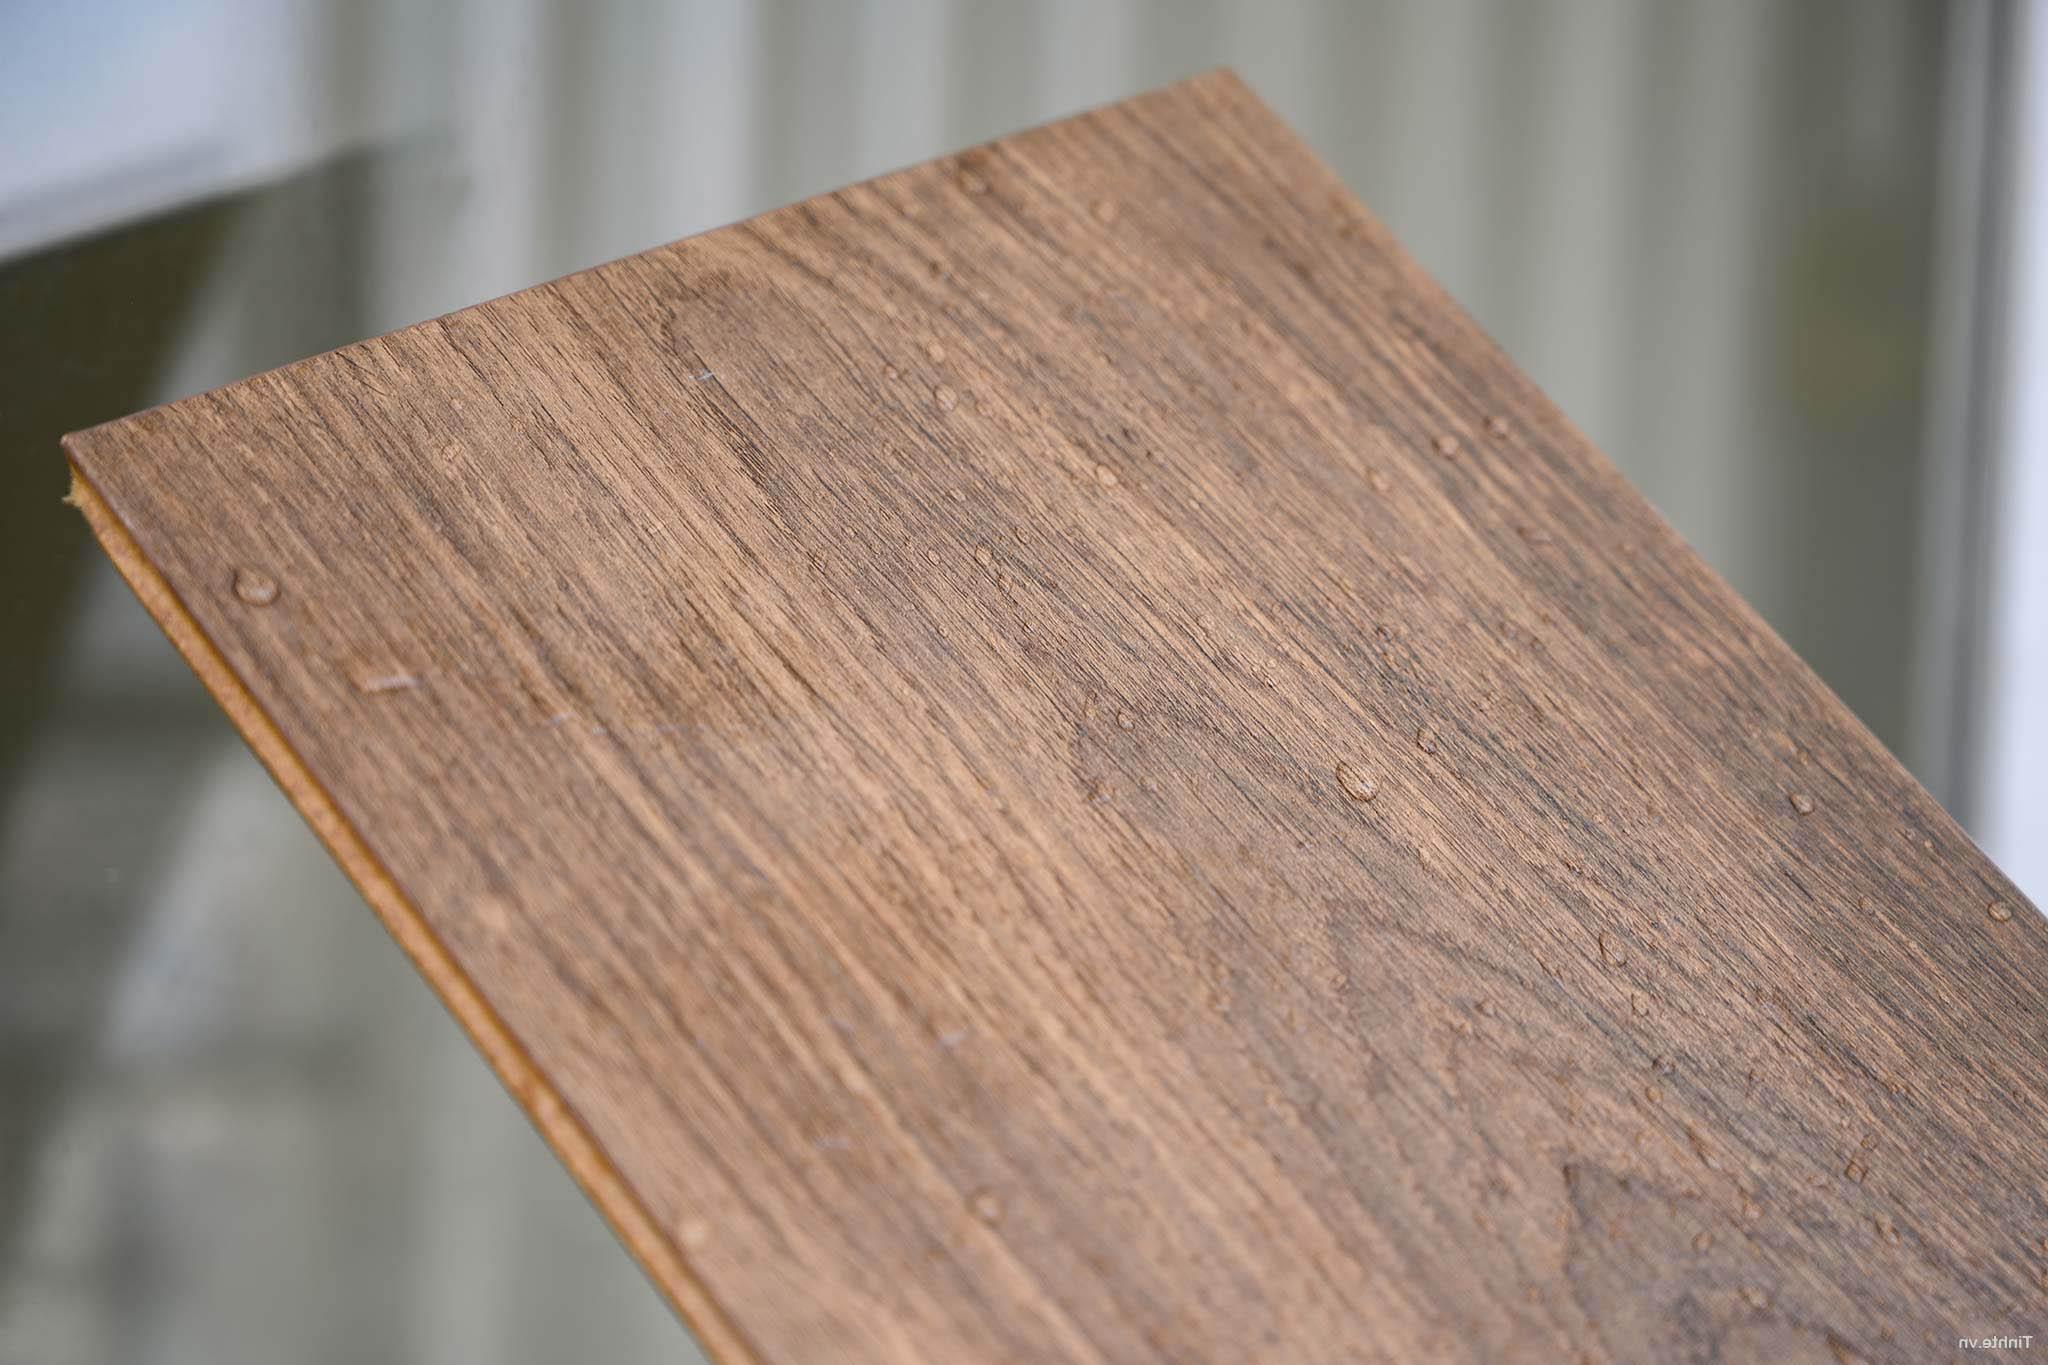 Sàn gỗ Egger chịu nước tốt